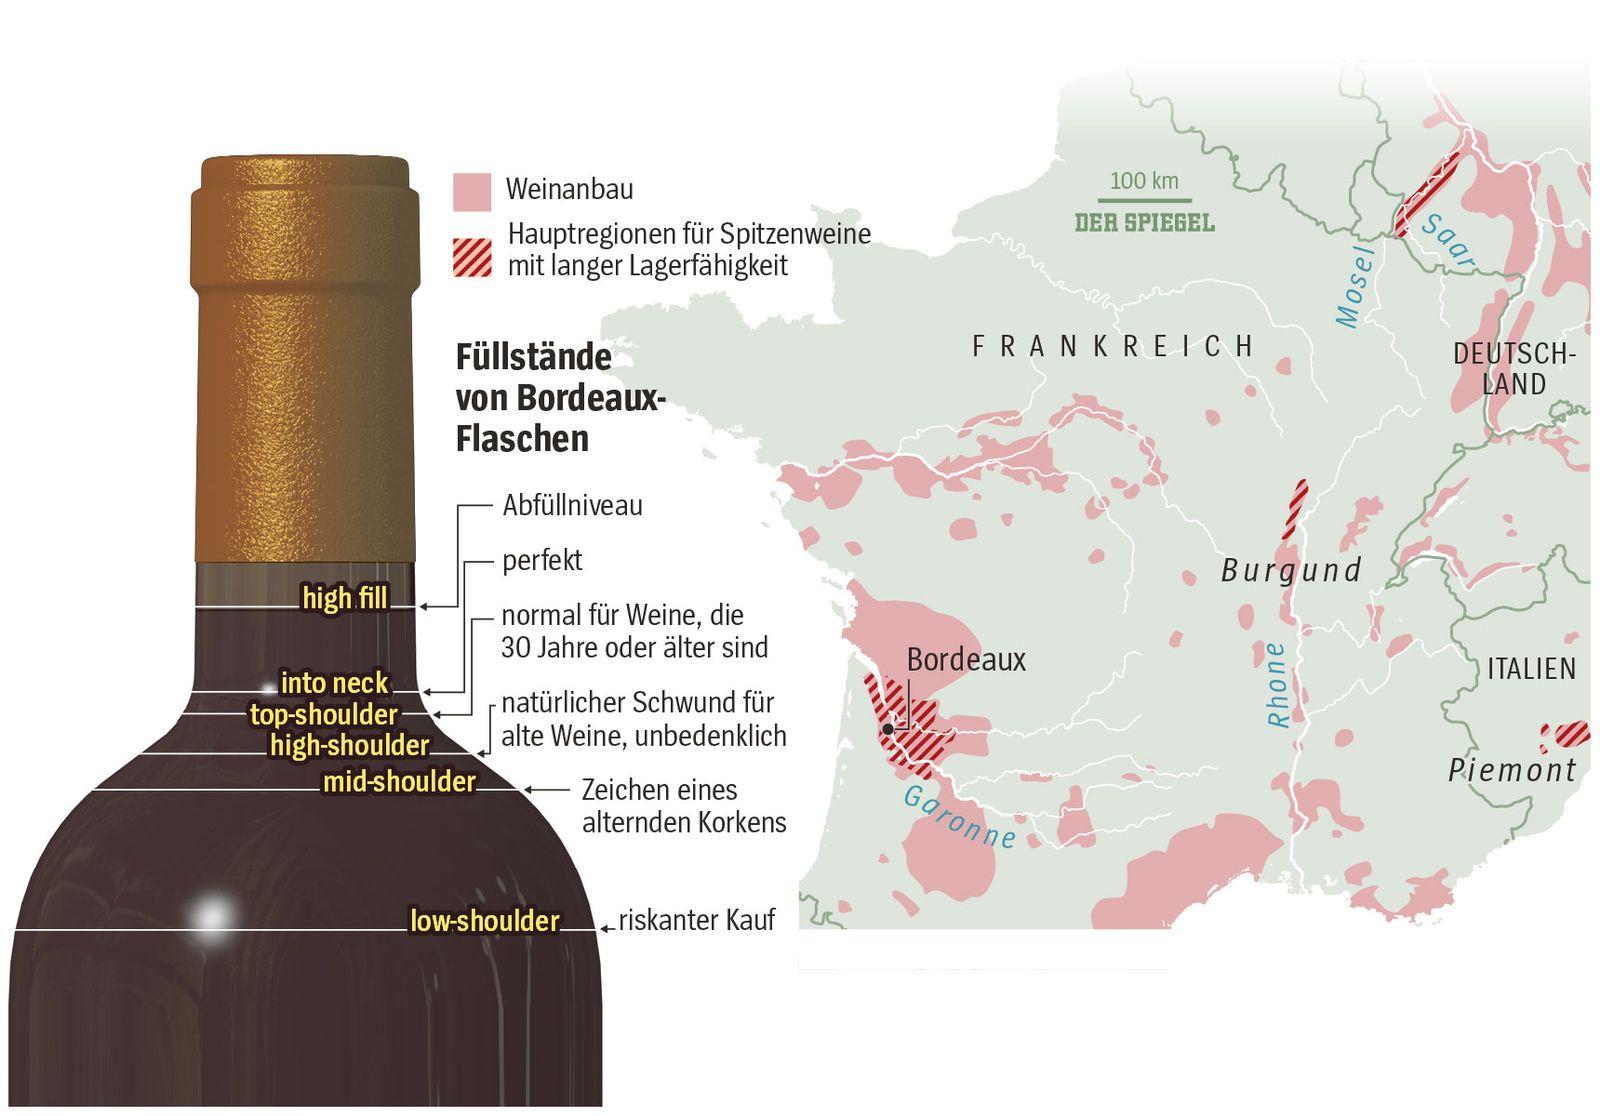 """EINMALIGE VERWENDUNG SPIEGEL Plus SP 2017/29 S.106: """"Wein ist dem Tode geweiht"""""""